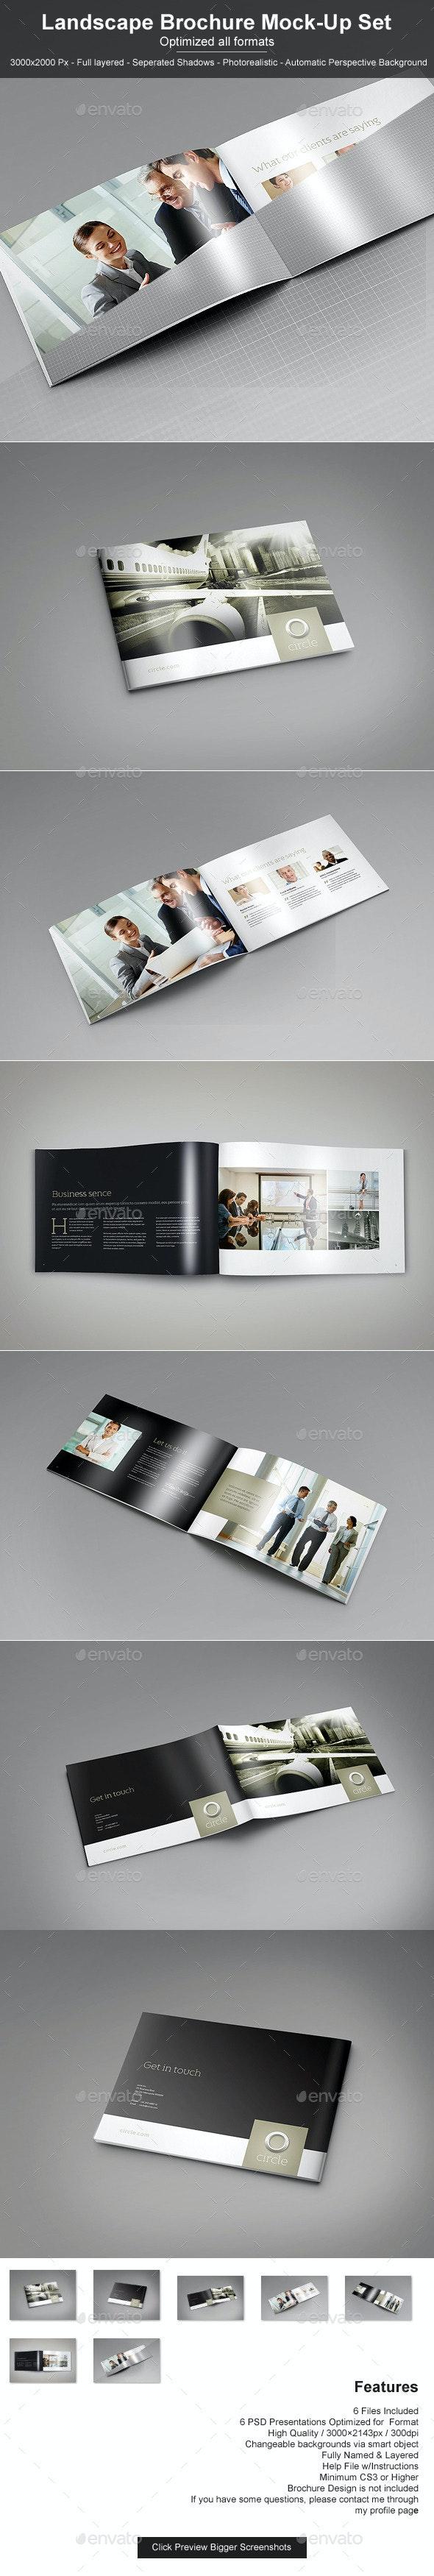 Landscape Brochure Mock-Up Set - Brochures Print